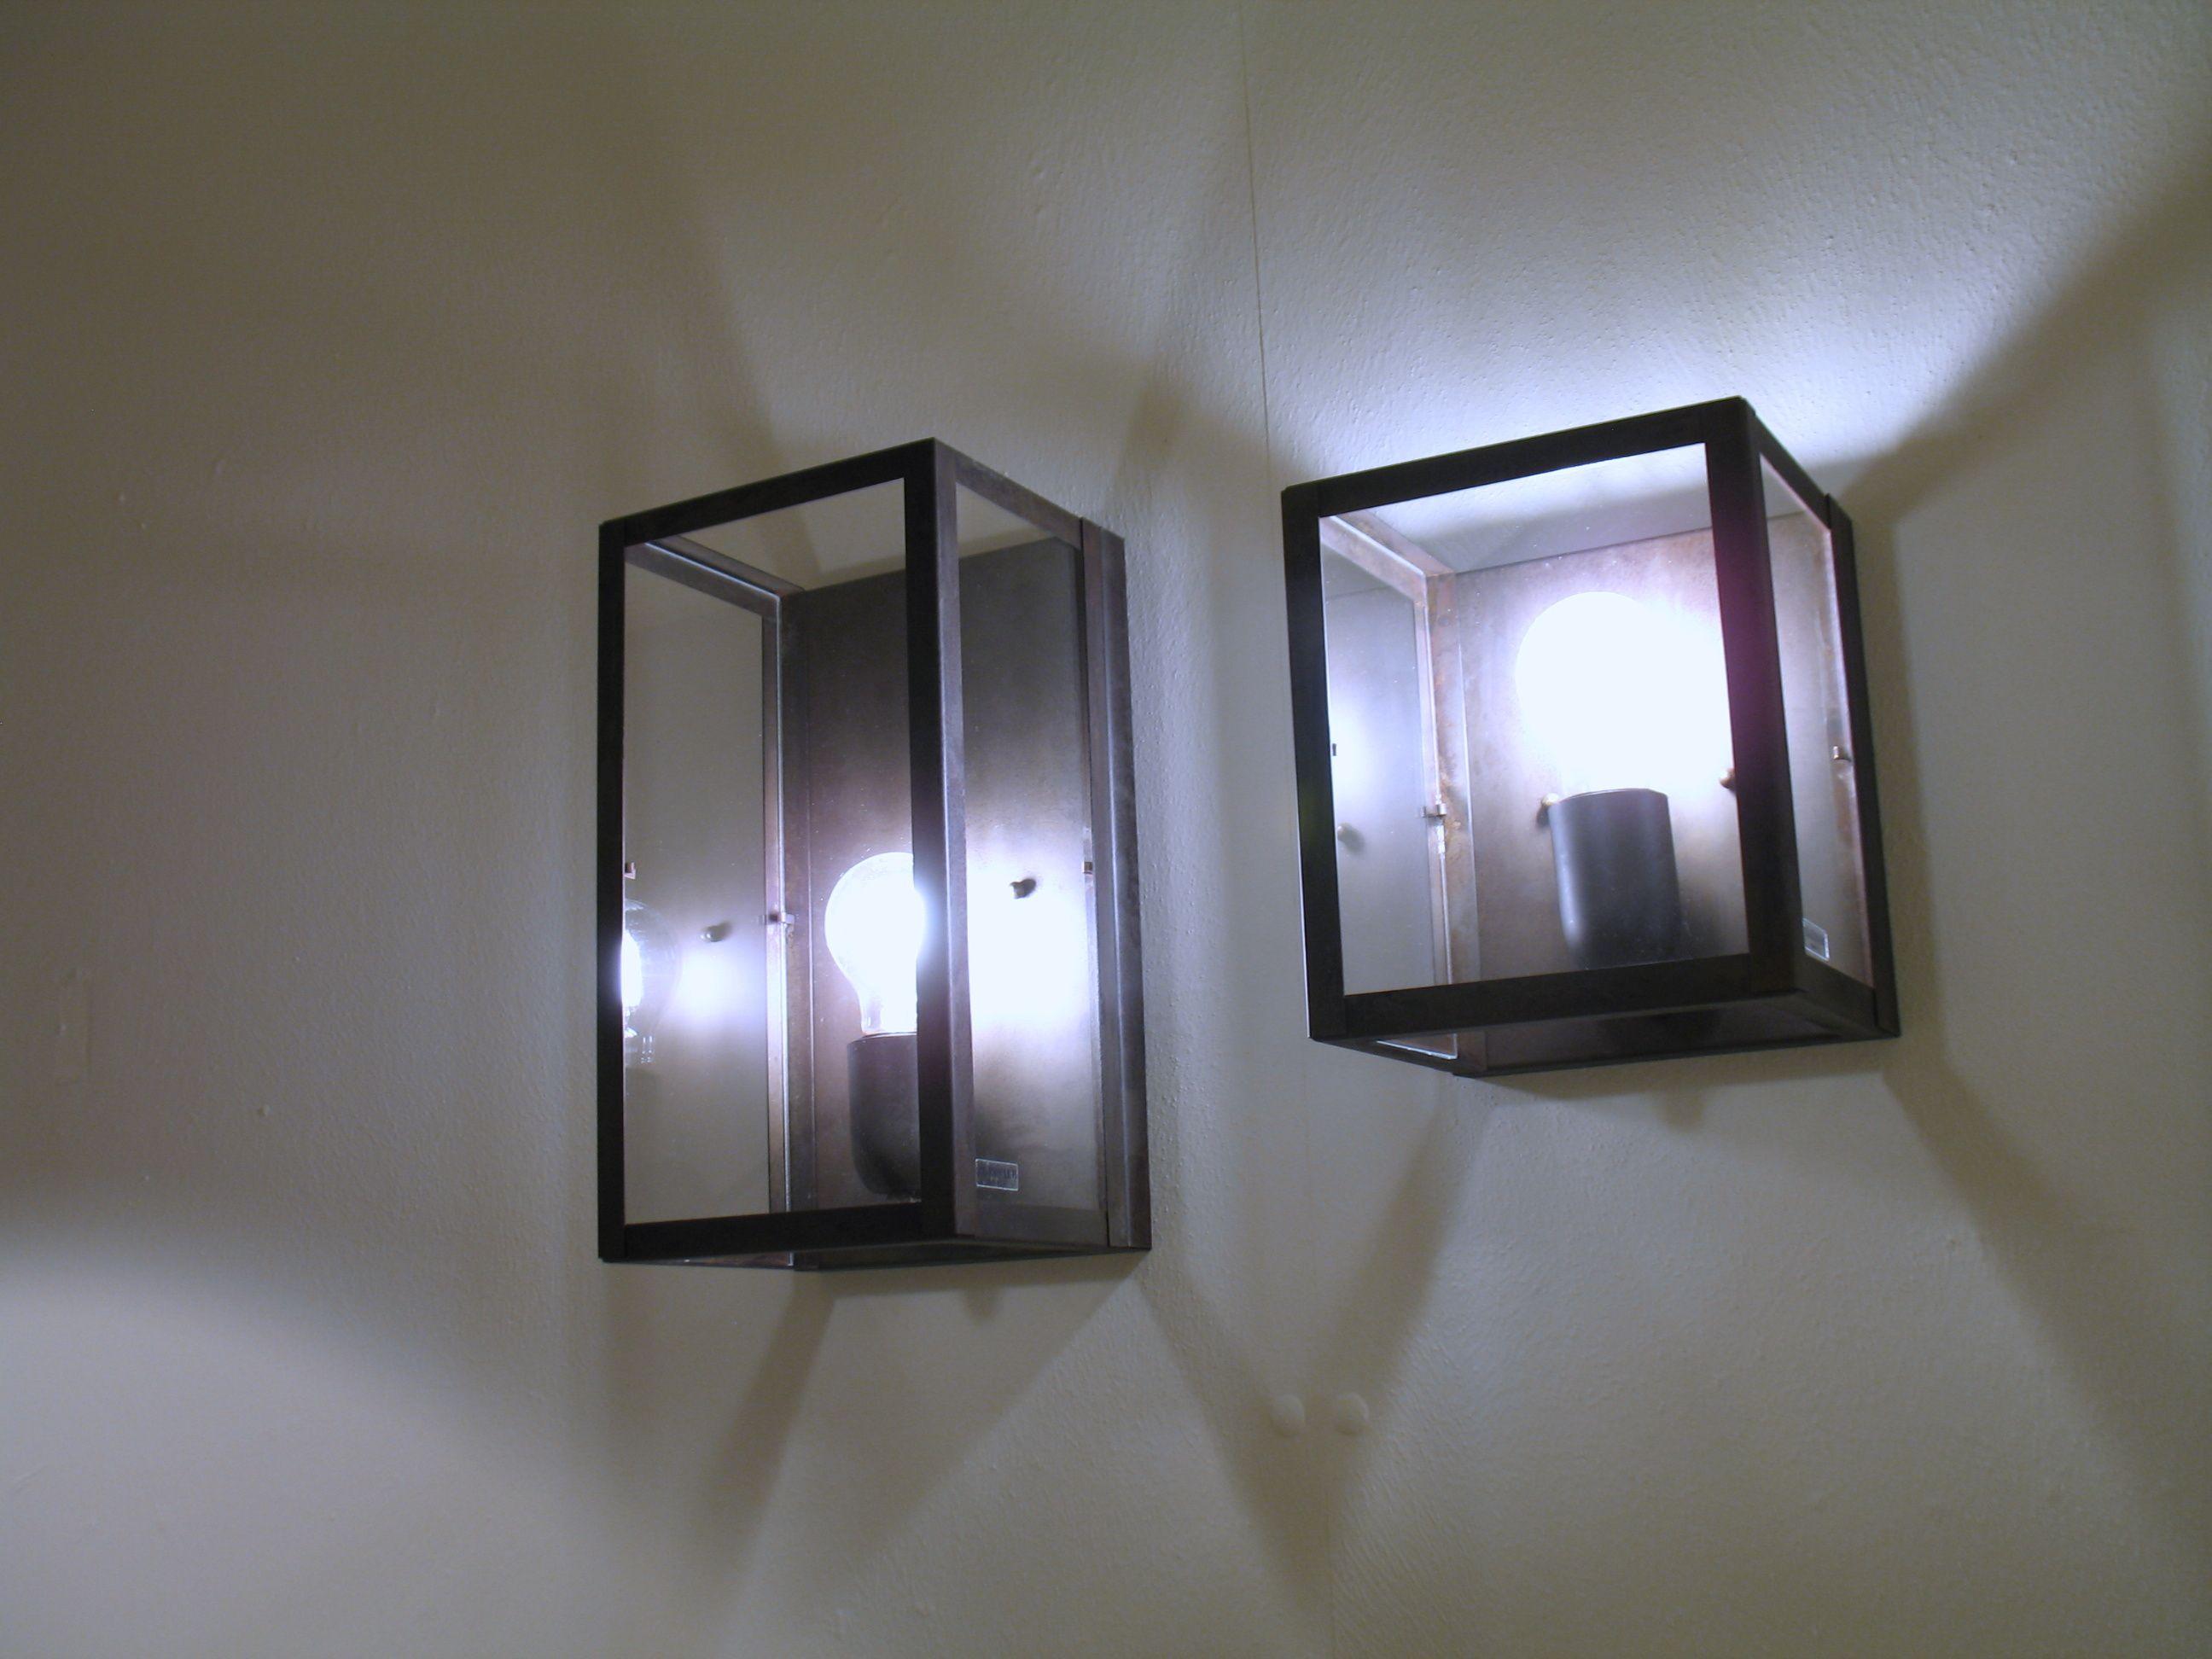 Lanterna Parete Esterno : Lanterne parete per interno ed esterno idee per il giardino